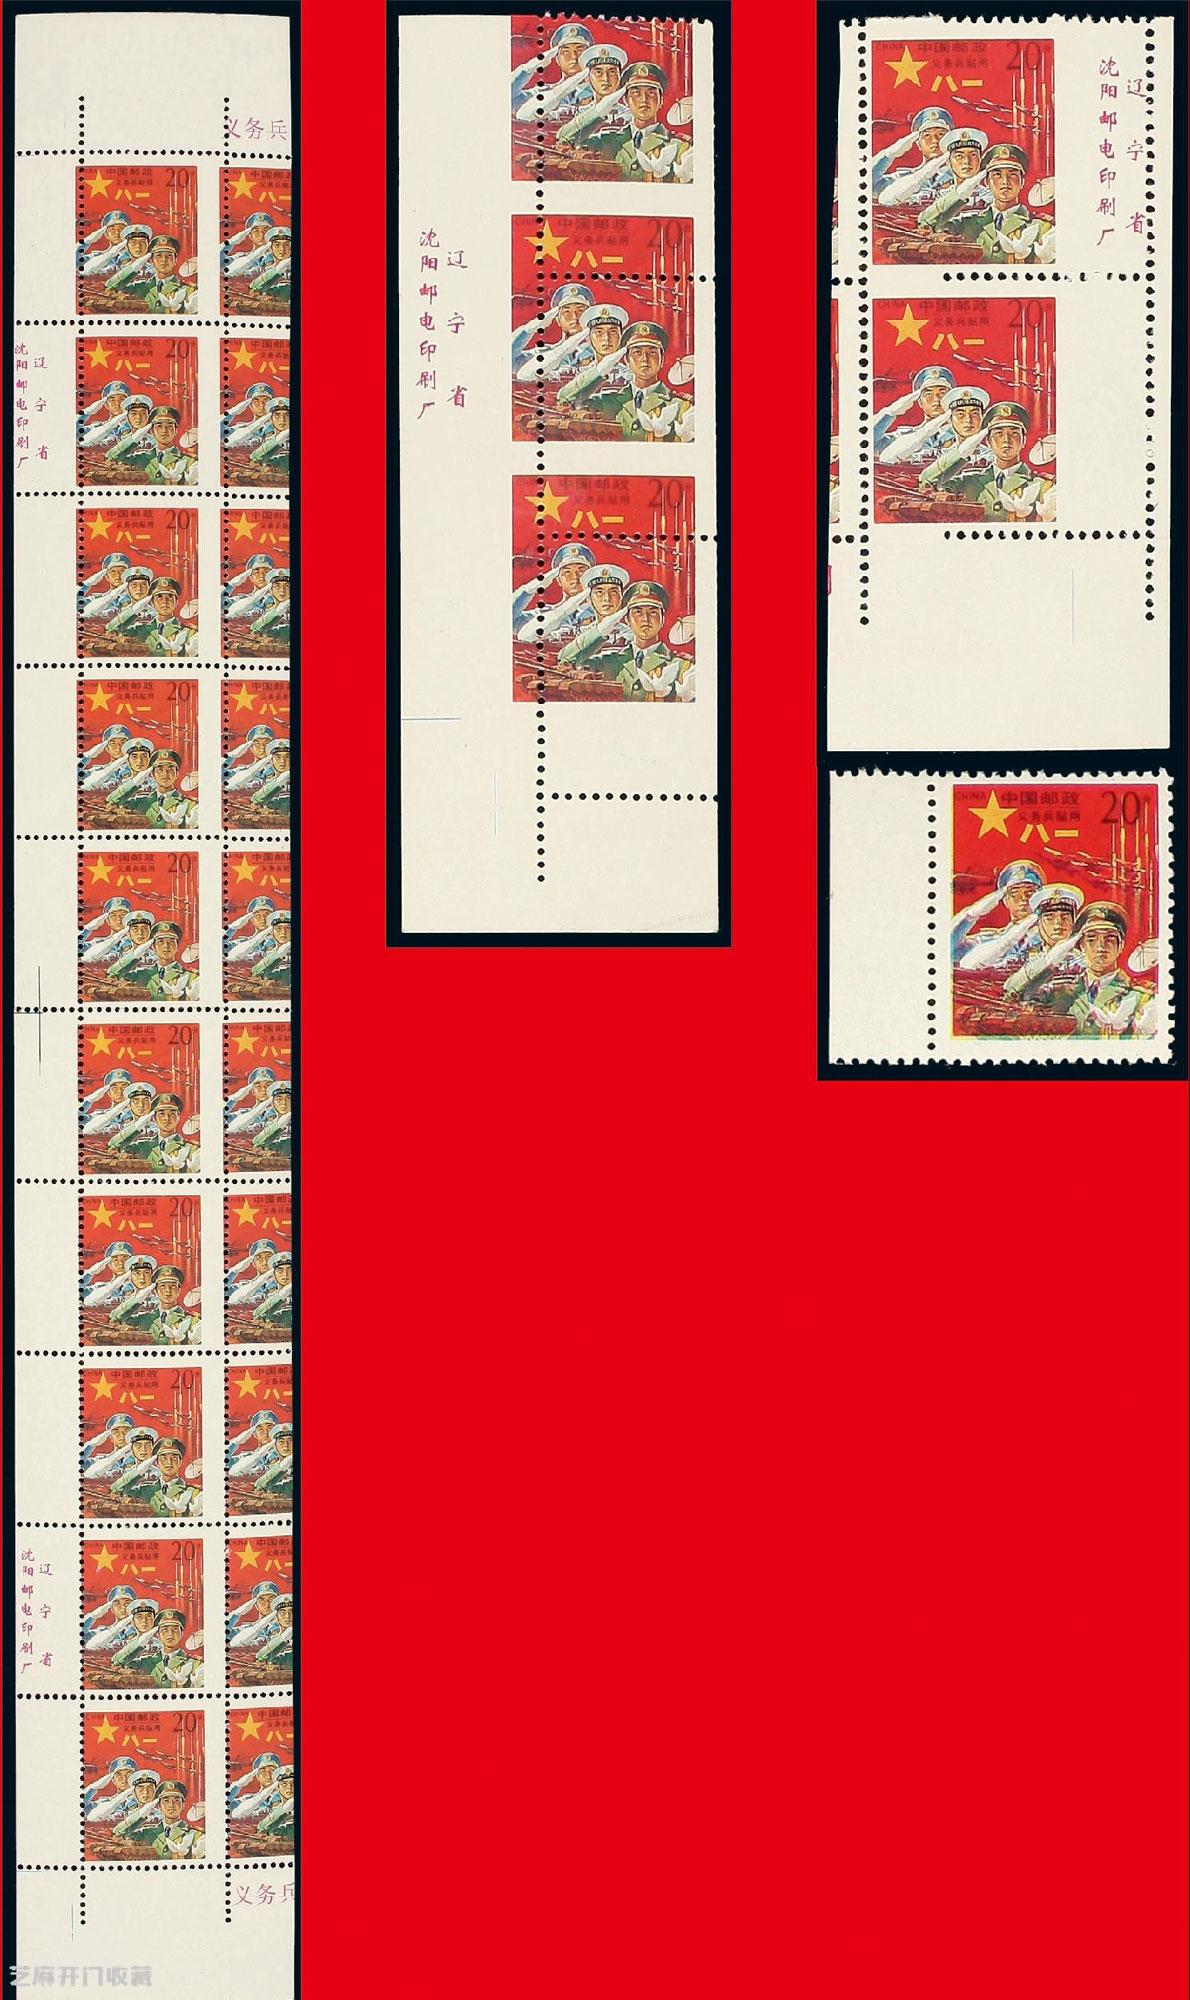 红军邮整版邮票目前市场价值吗